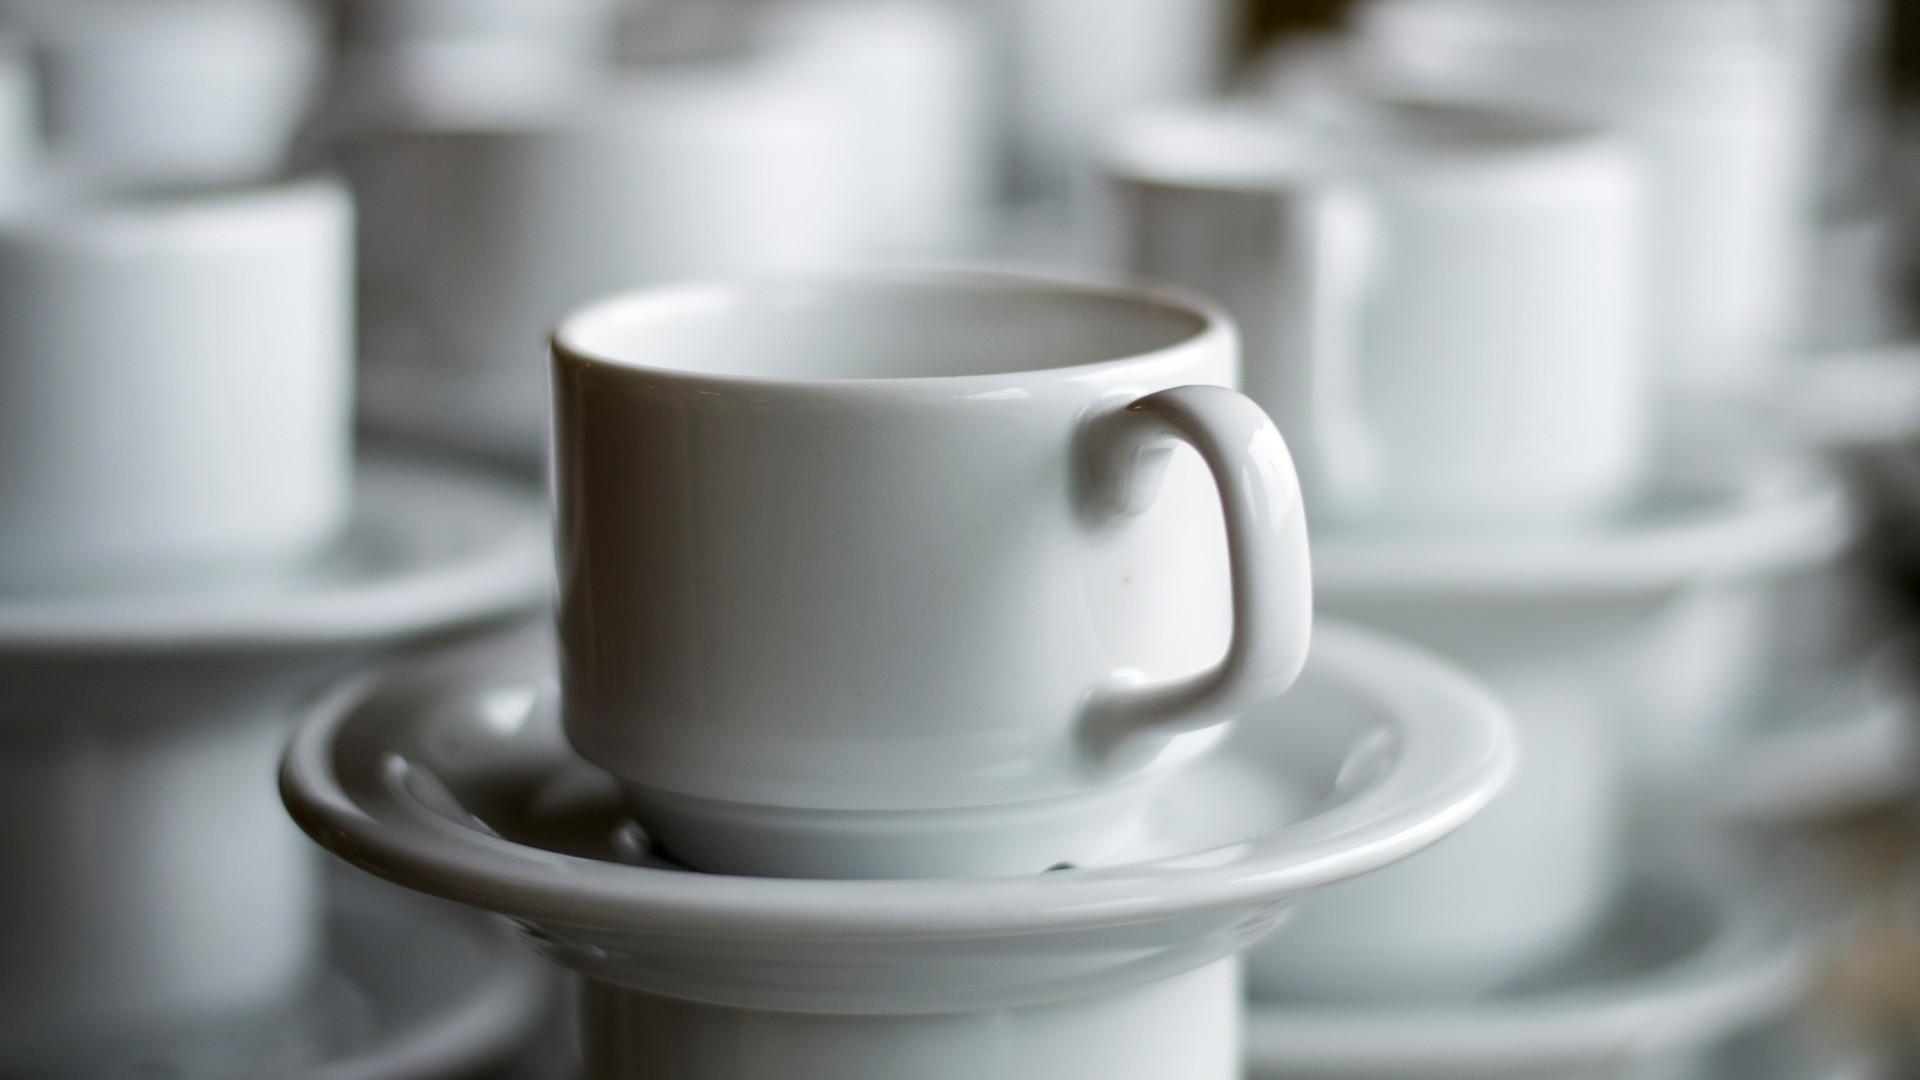 Kaffekoppar på rad.